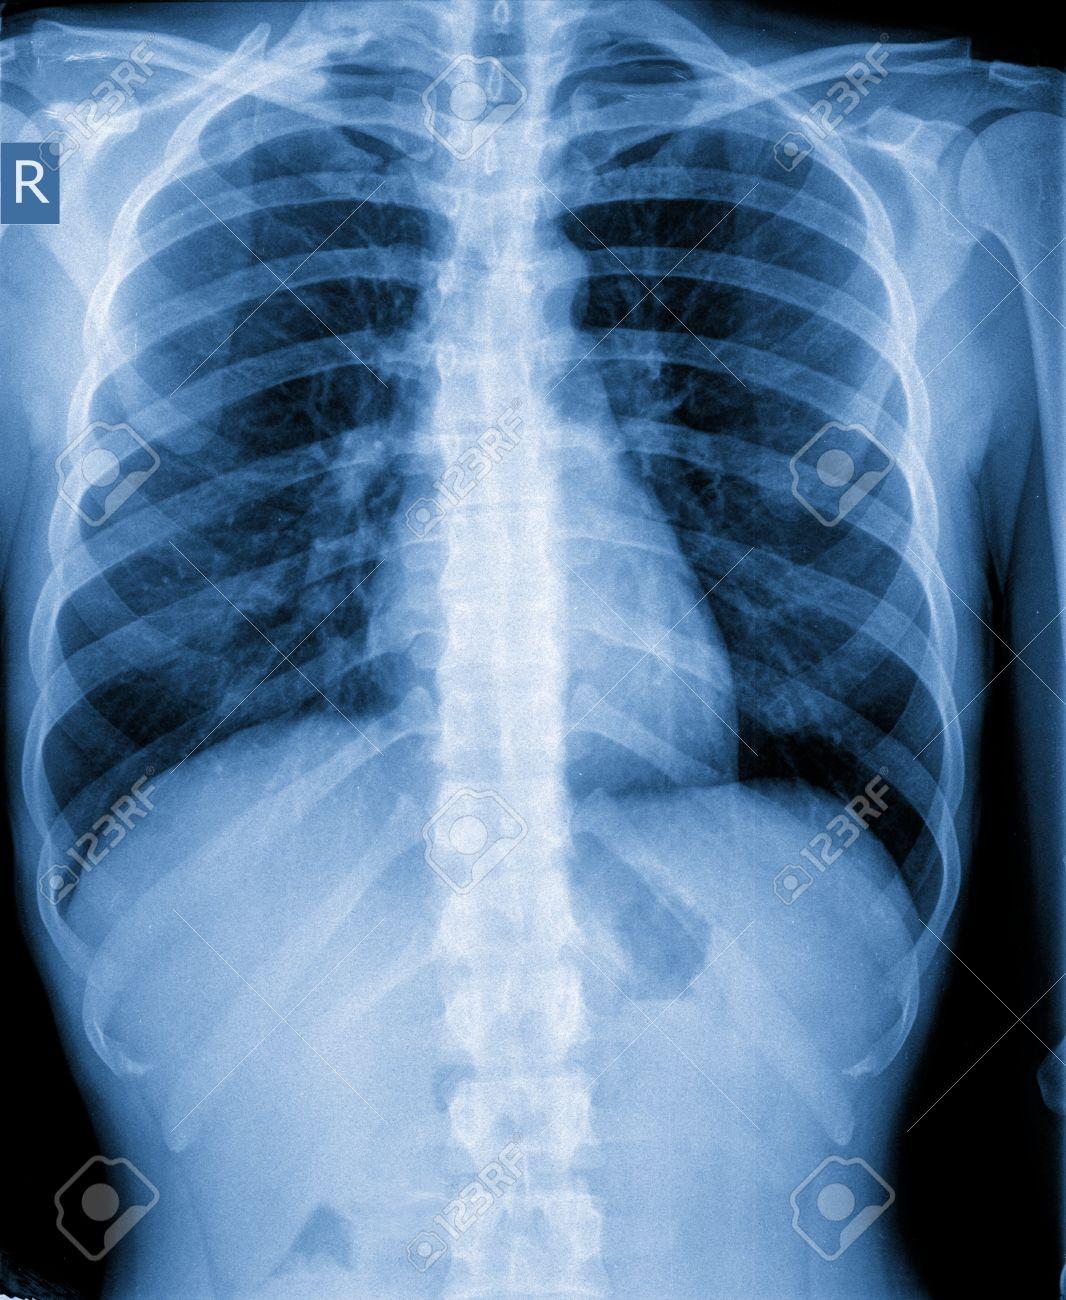 Röntgenbild, Brust, Lungenentzündung, Der Menschlichen Lunge ...